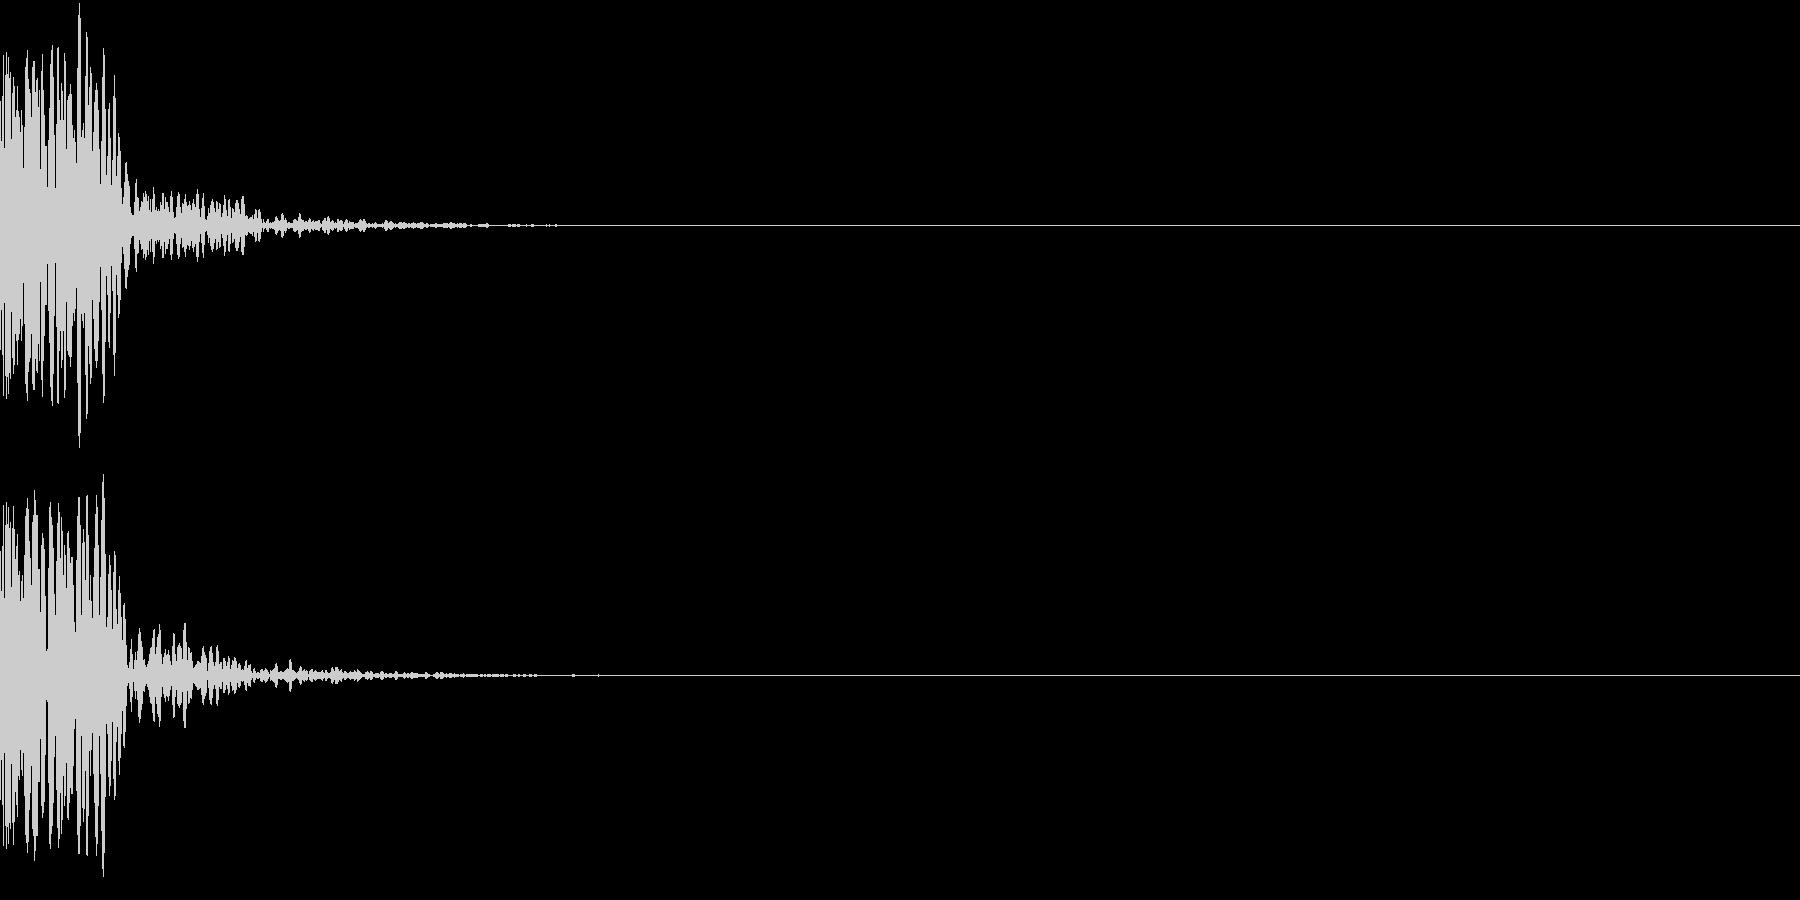 KAKUGE 格闘ゲーム戦闘音 44の未再生の波形